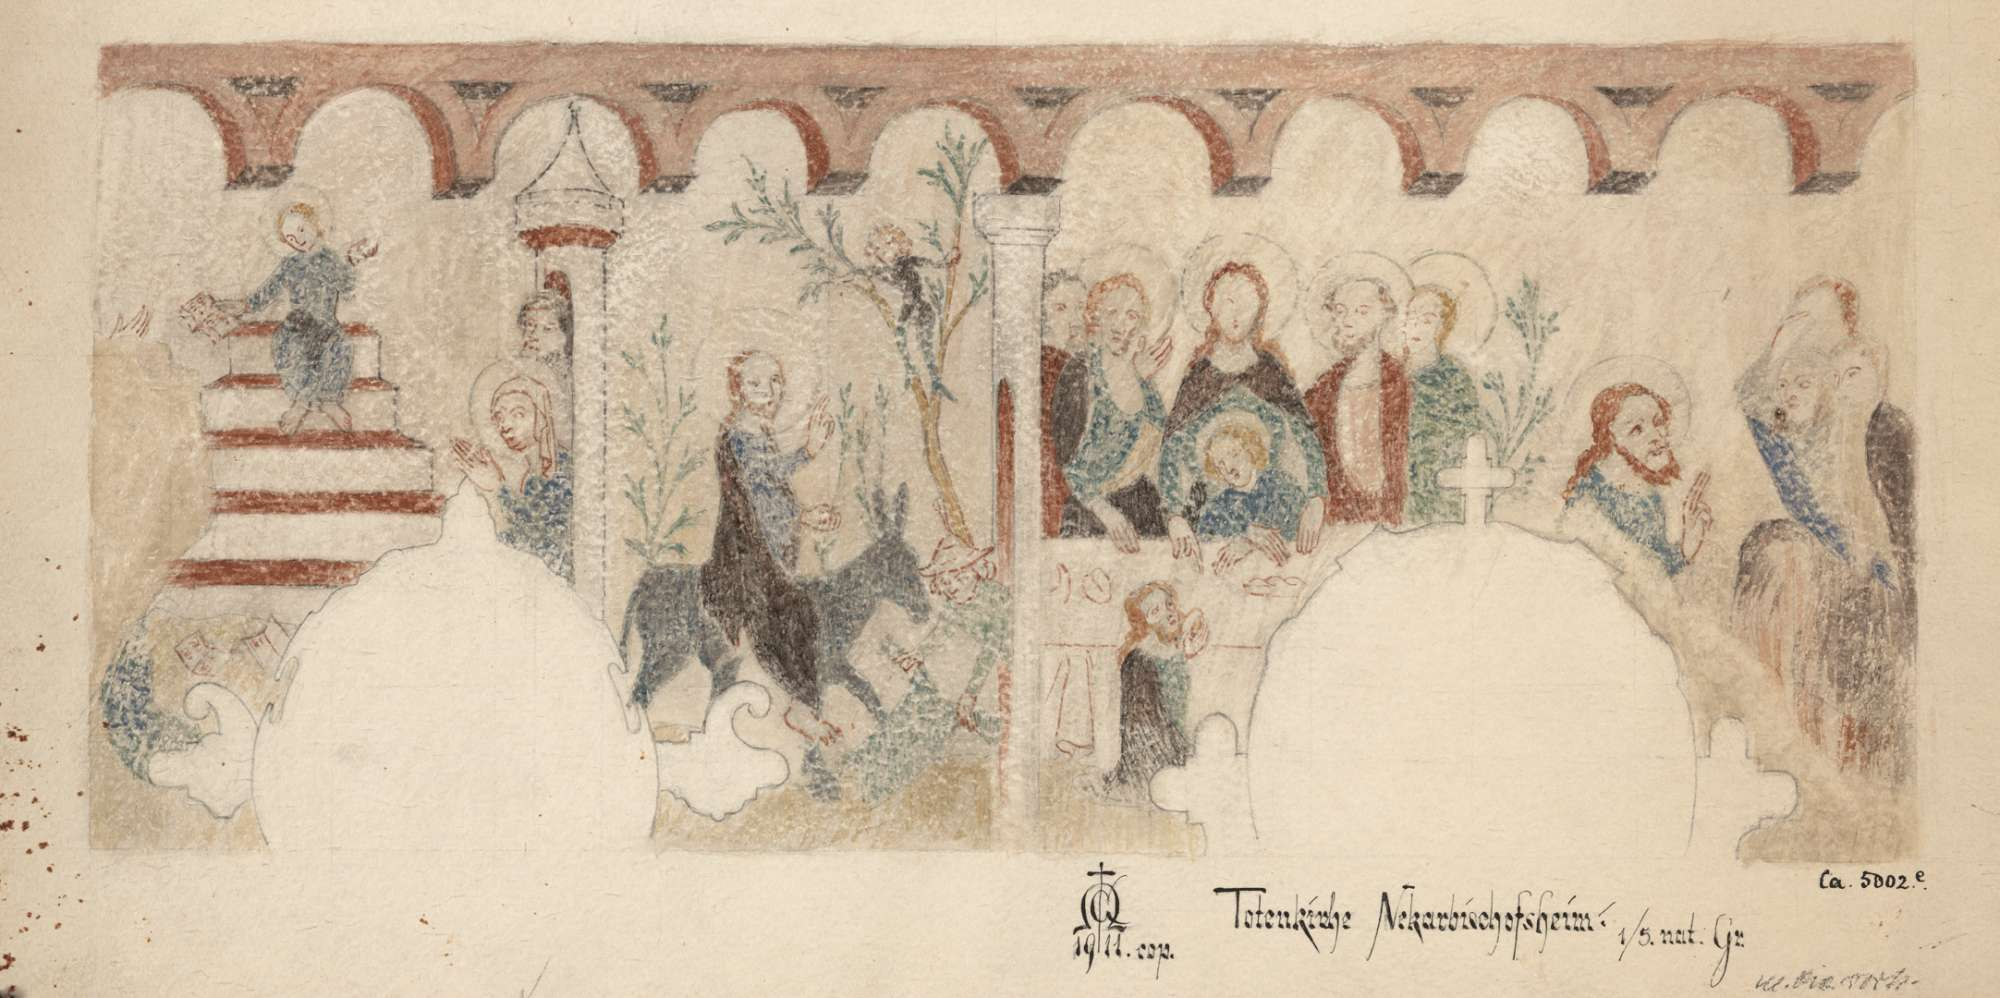 Neckarbischofsheim Totenkirche (ursprünglich Pfarrkirche St. Johannes der Täufer) Szenen aus dem Leben Jesu (Neues Testament) an der Südwand des Chores, Bild 1